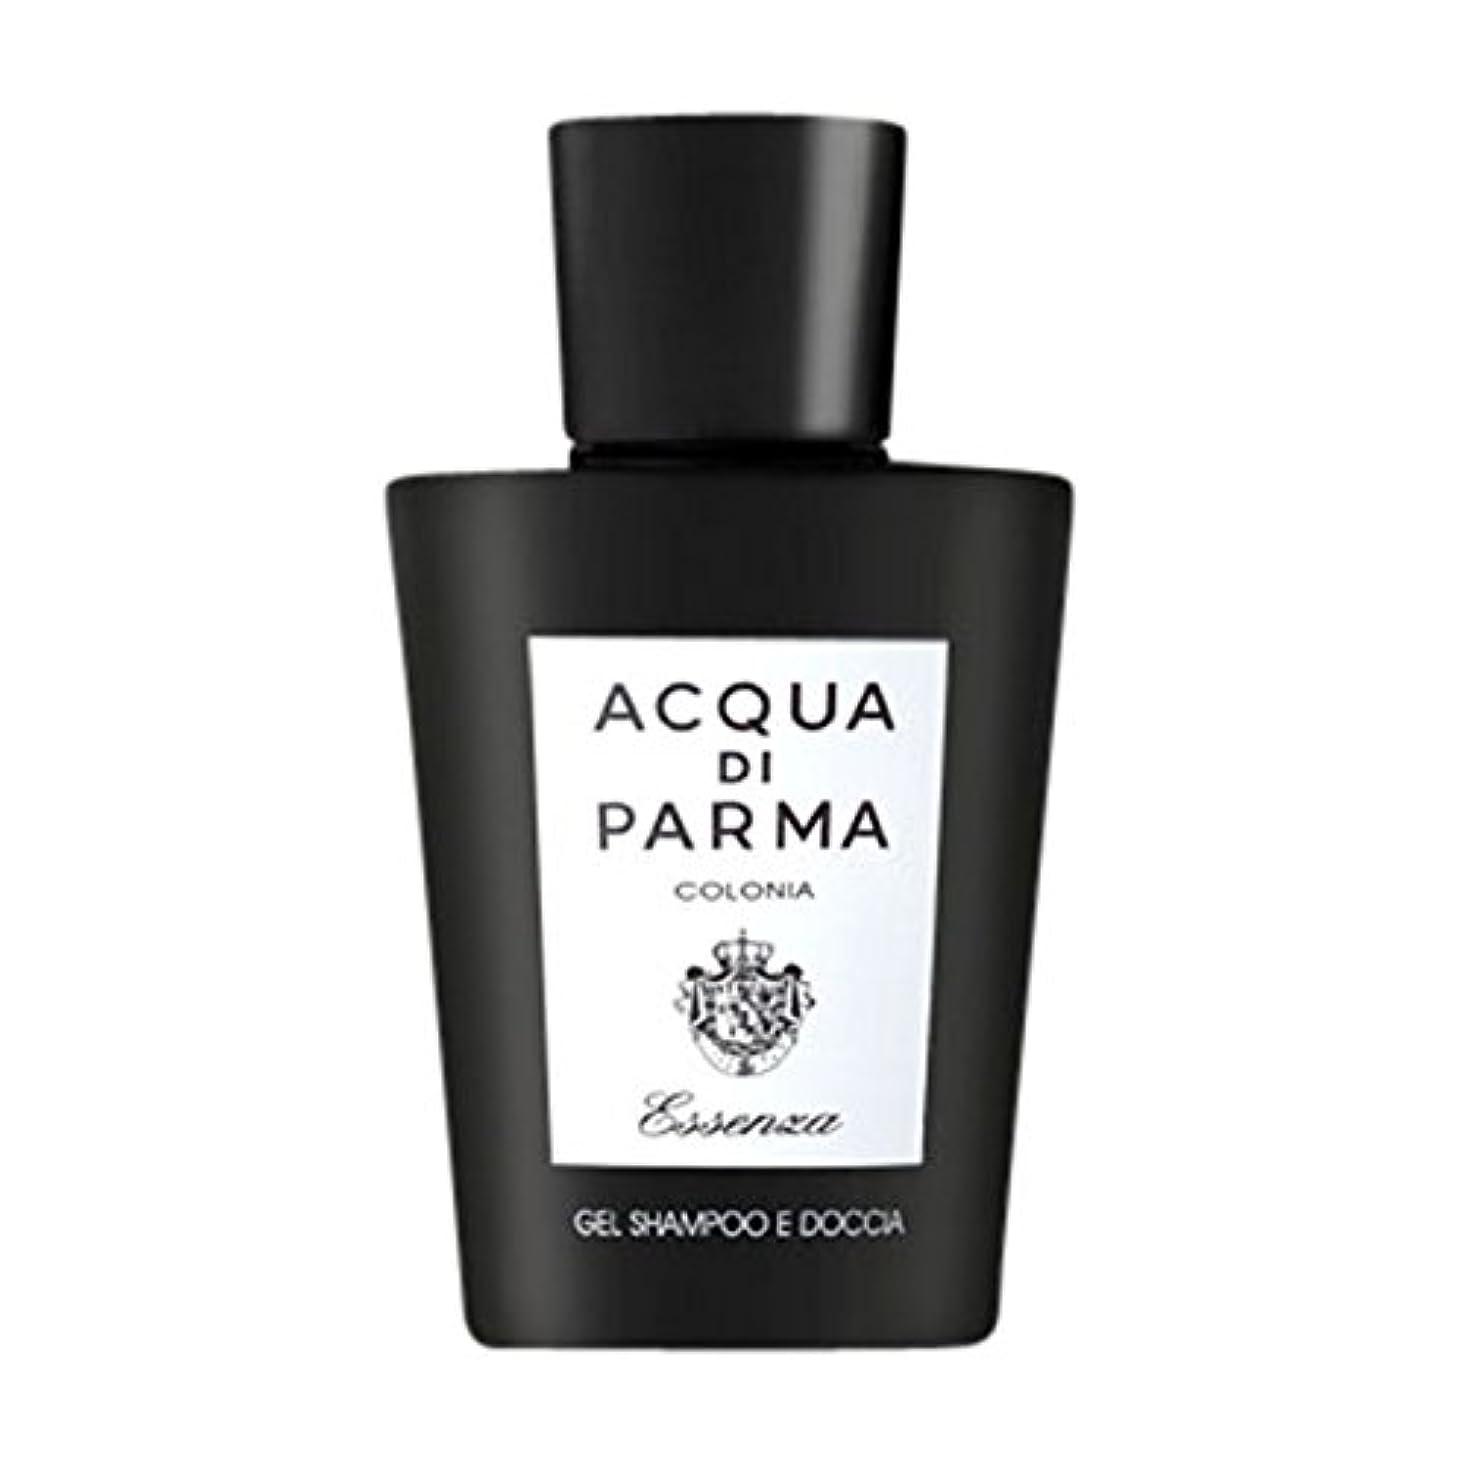 理由ウェーハ拮抗アクアディパルマコロニアEssenza髪とシャワージェル200ミリリットル (Acqua di Parma) - Acqua di Parma Colonia Essenza Hair and Shower Gel 200ml...